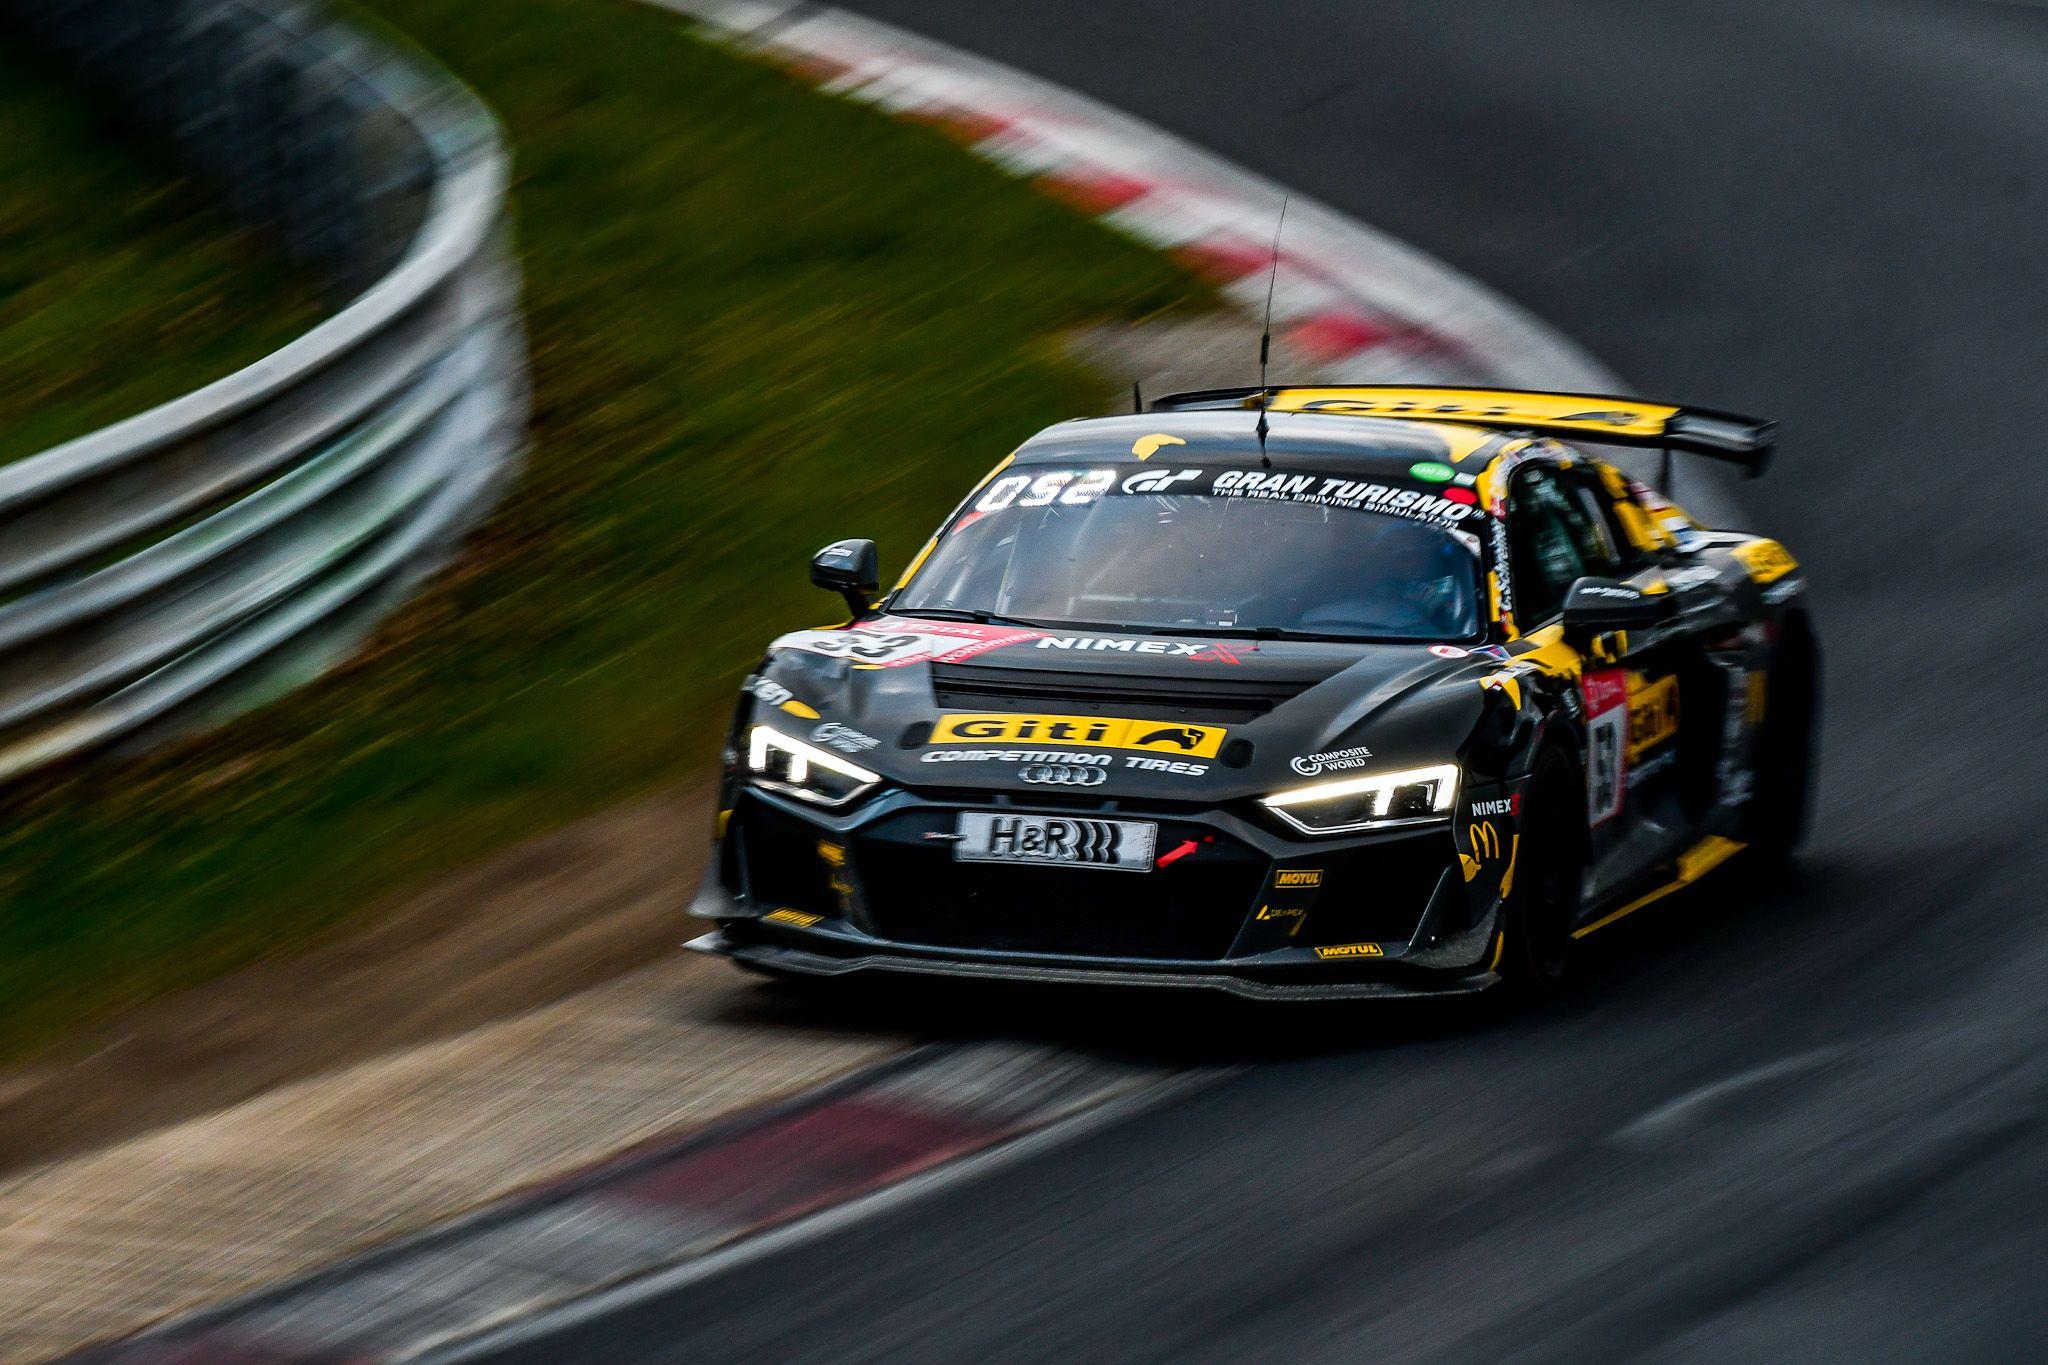 Giti Tire Motorsport celebra su quinta edición de la Nürburgring 24H con 4 equipos en la parrilla de salida